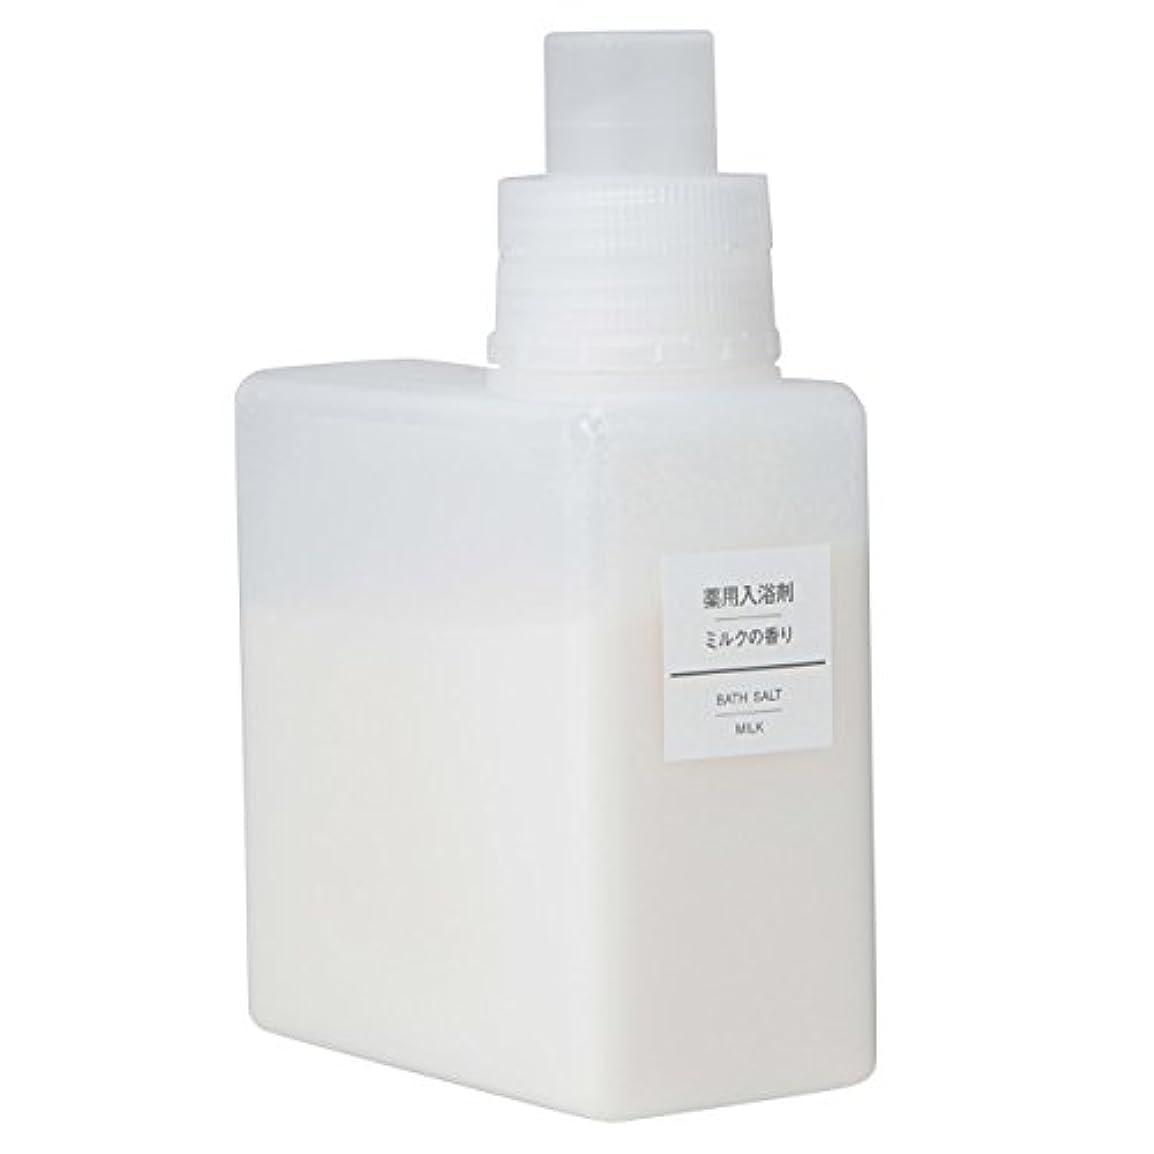 冗長欺ゆるく無印良品 薬用入浴剤?ミルクの香り (新)500g 日本製